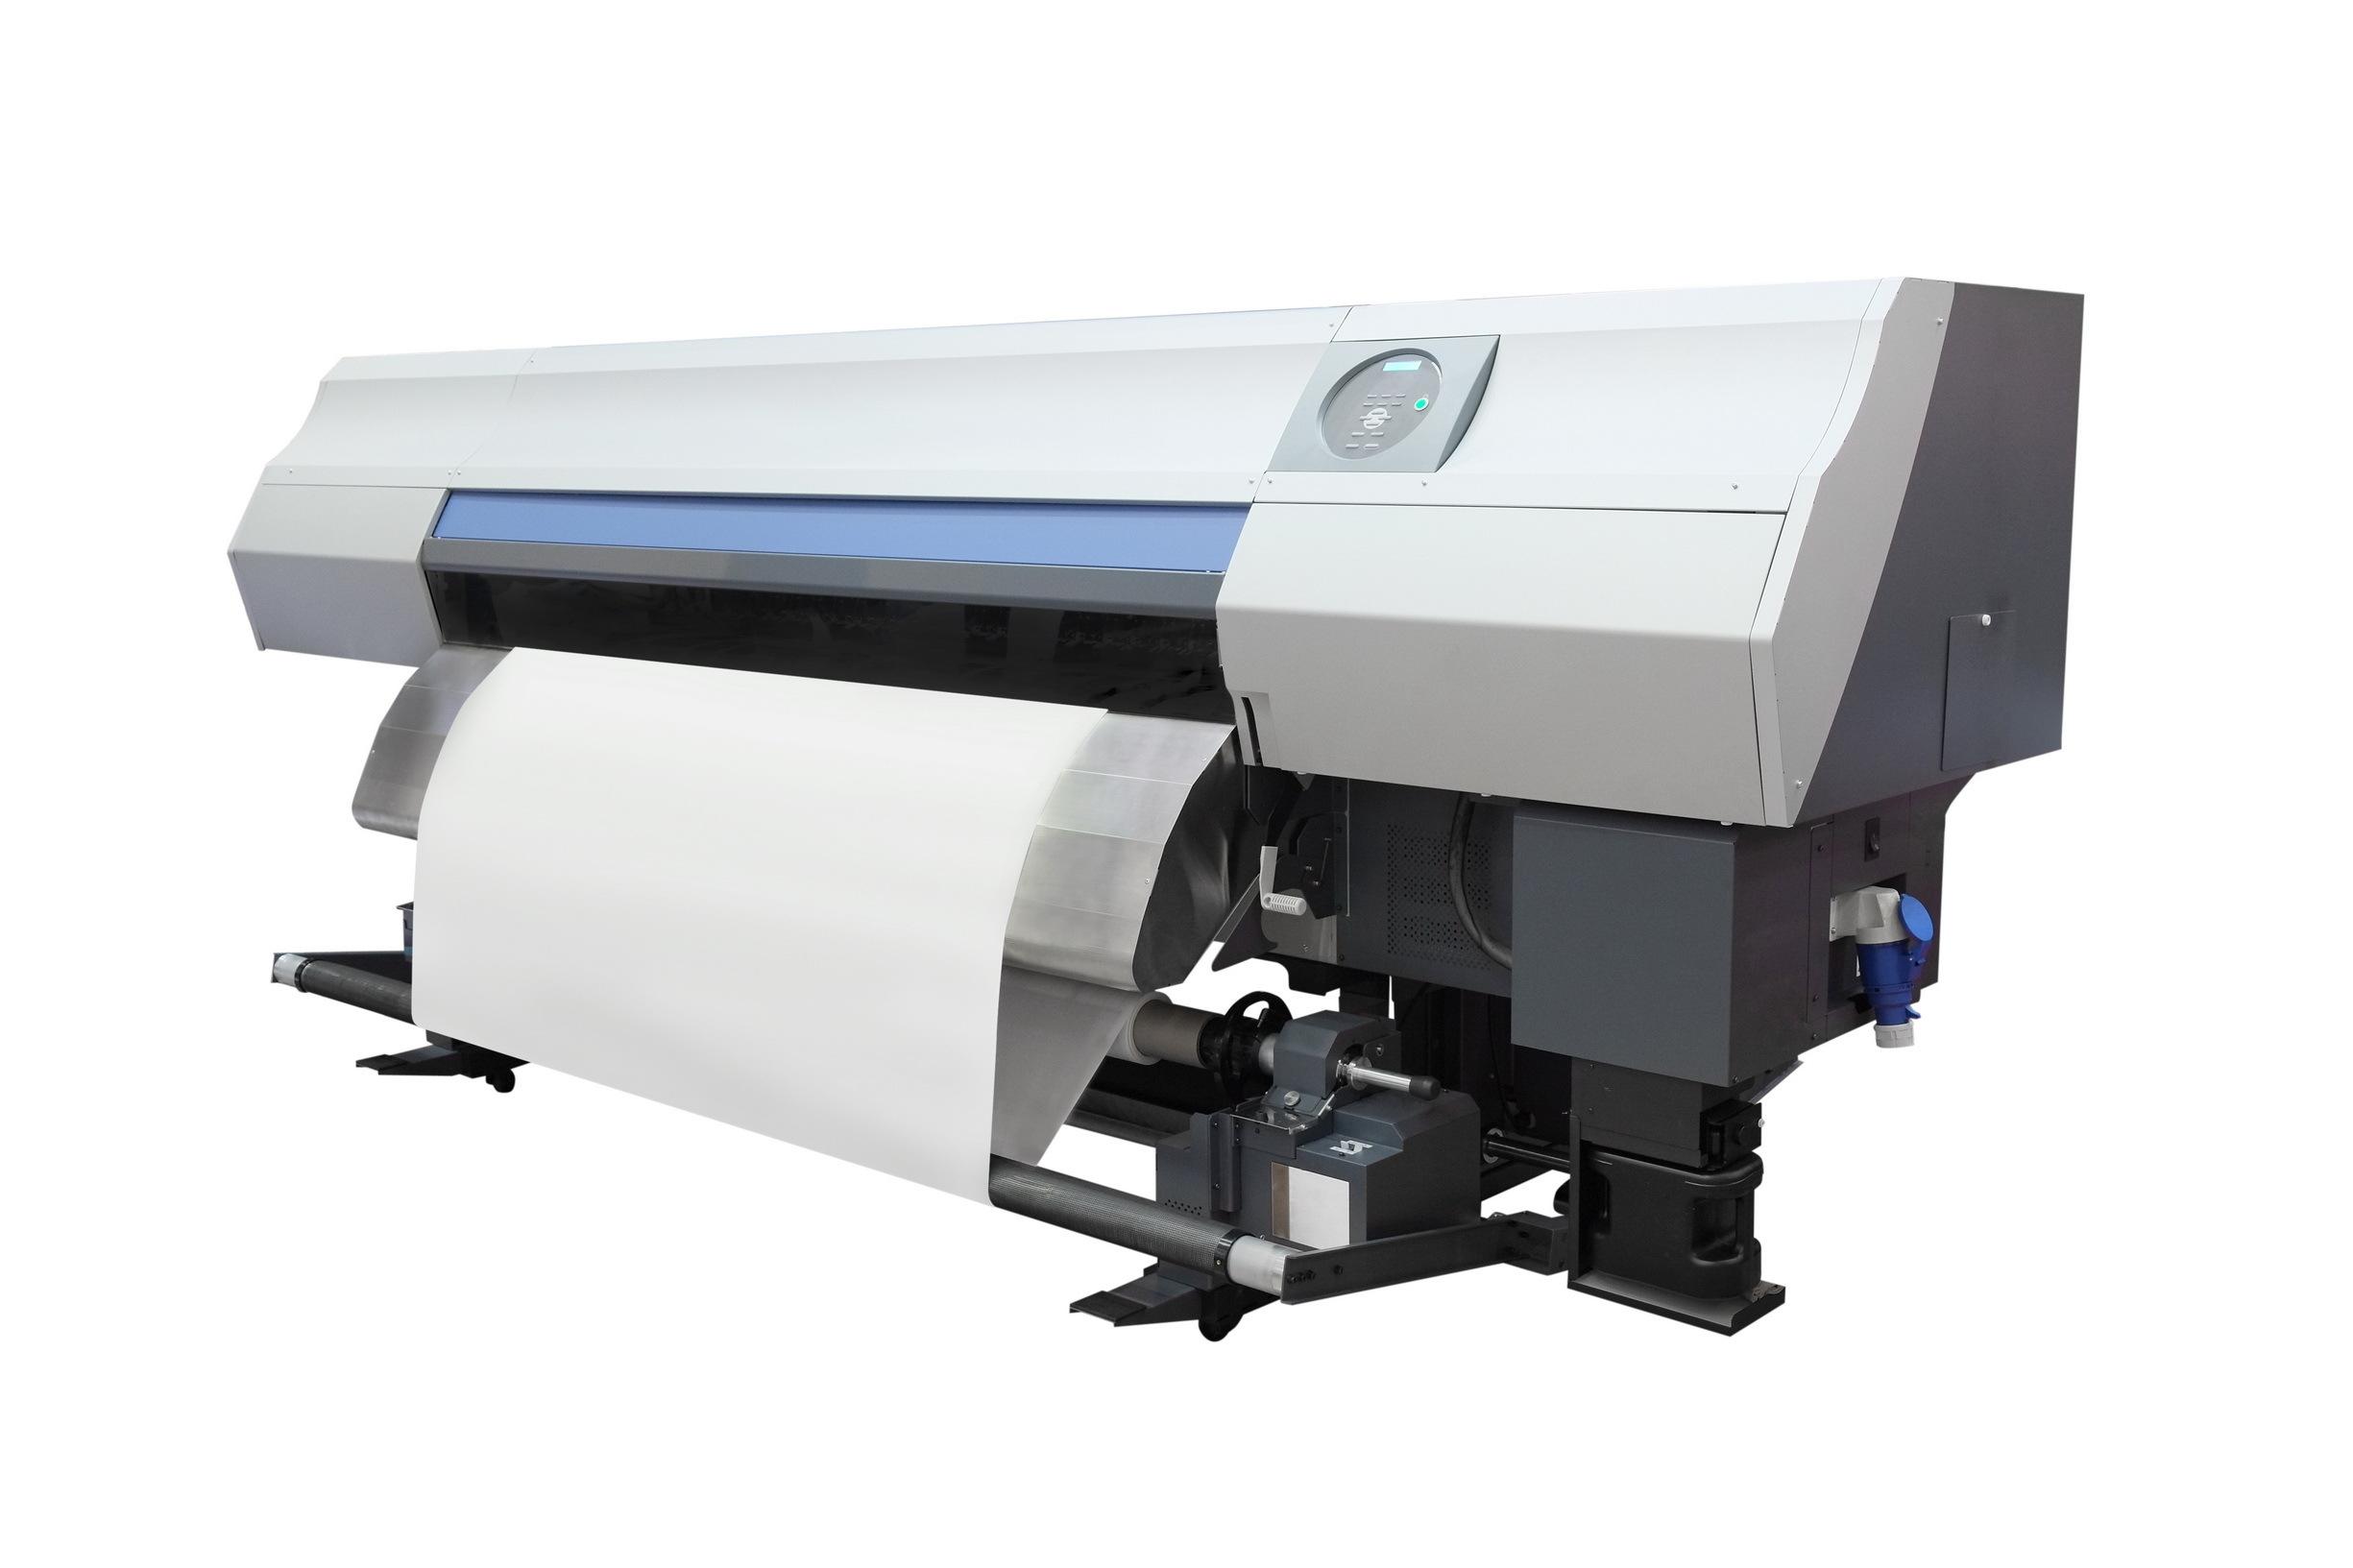 Large format printers sales & repair